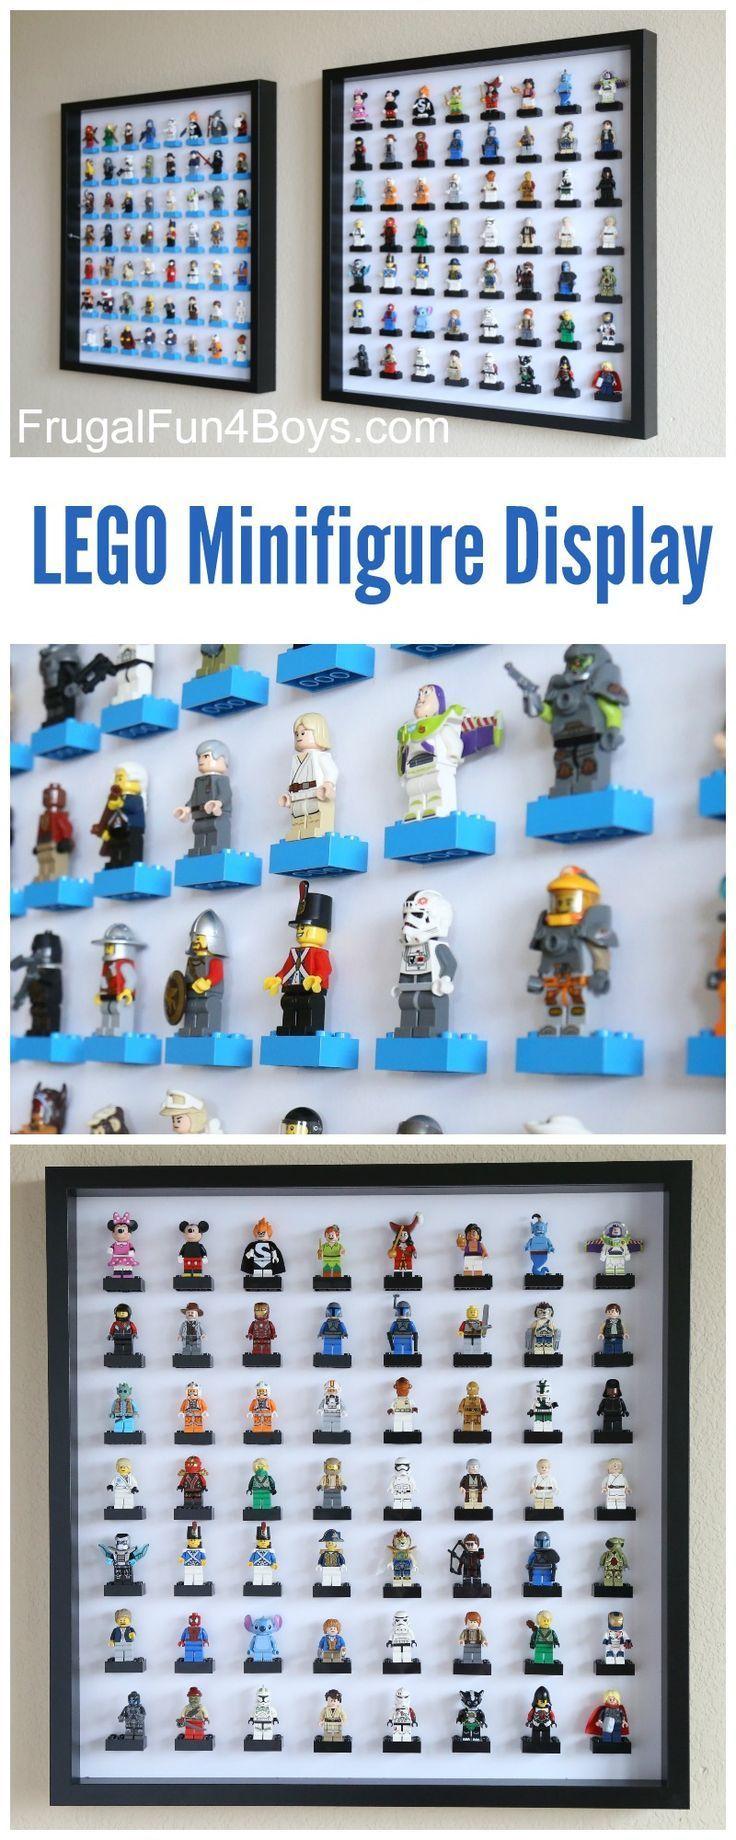 #ikea ikeakartal.com IKEA-Rahmen LEGO Minifiguren-Anzeige und -Aufbewahrung In jedem Rahmen befinden sich 56 LEGO-Jungs.